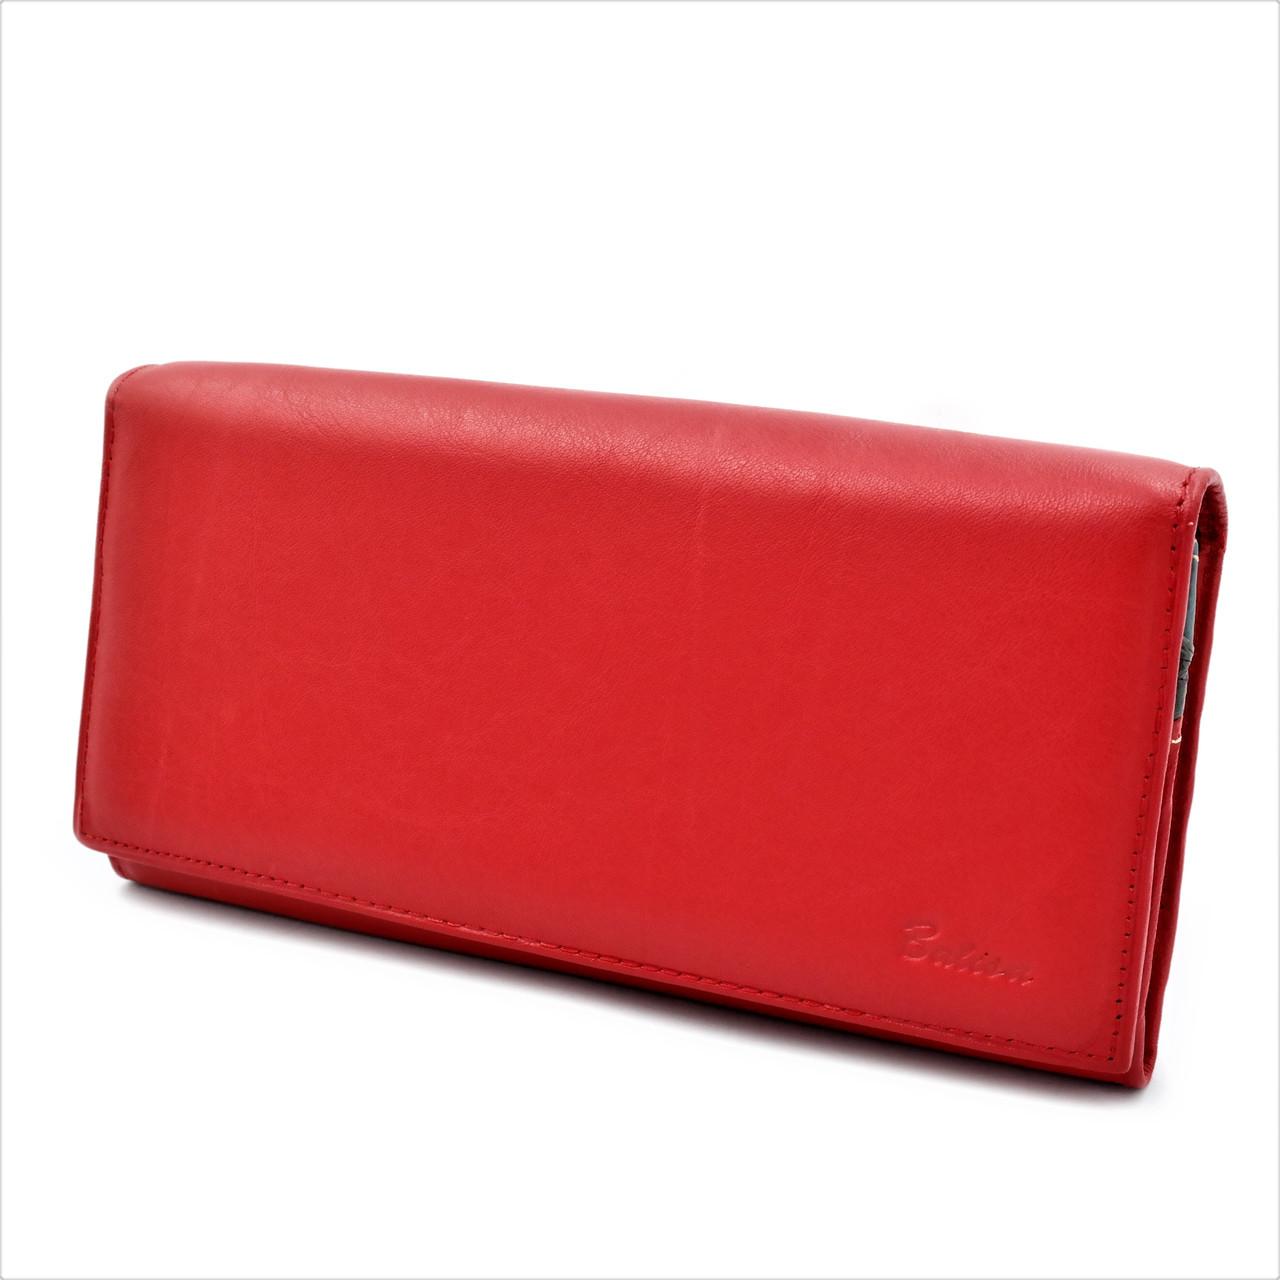 Женский кожаный кошелек Красный Кошелек премиум класса Современный качественный кошелек для девушки